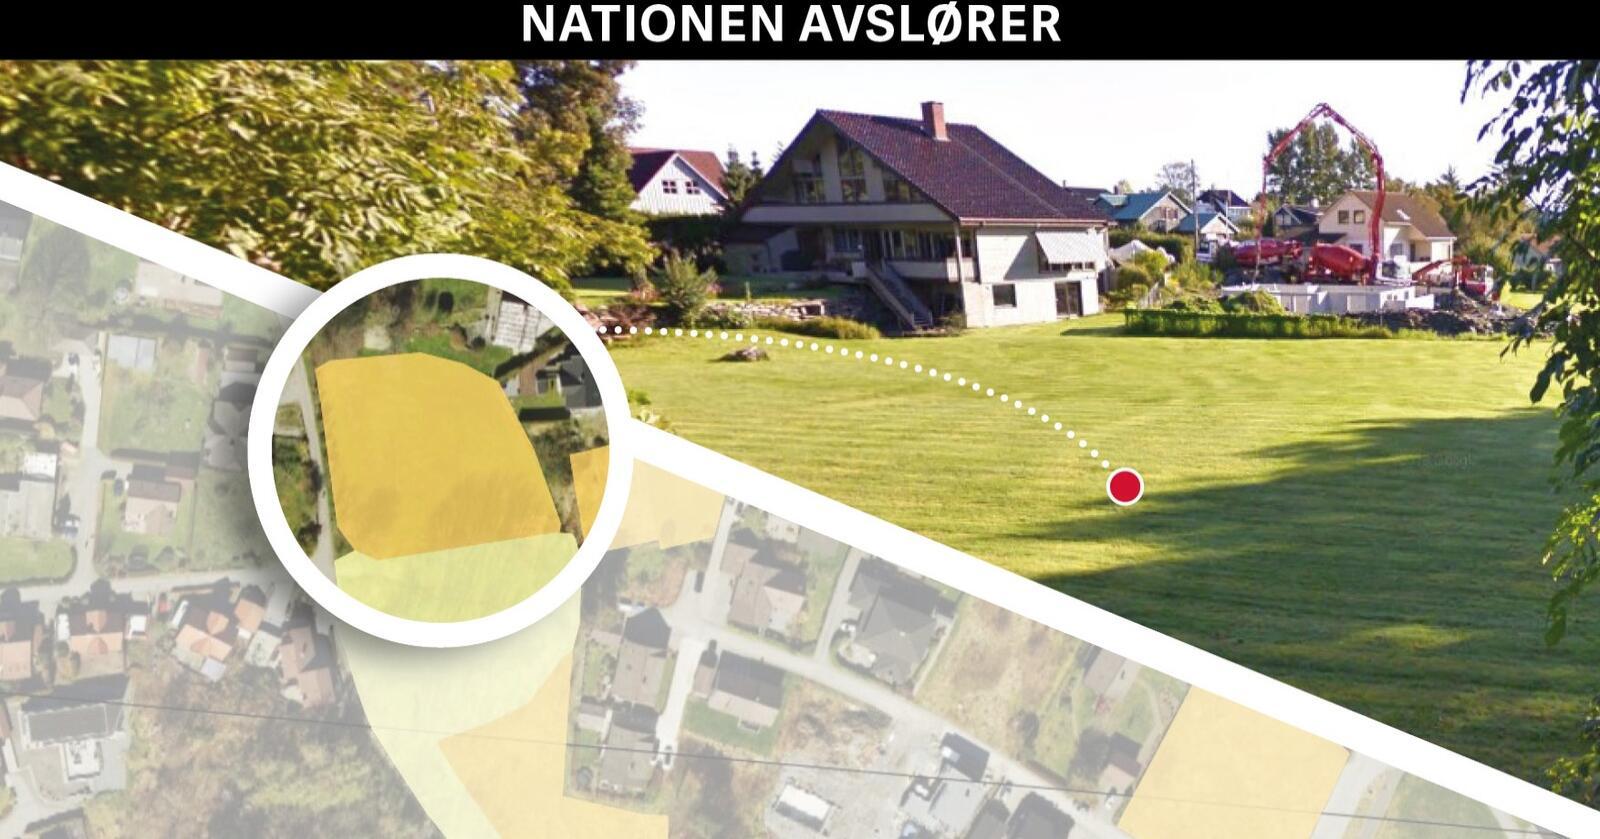 Byjord: I AR5-kartet (til venstre) er denne plenen på Mariero midt i Stavanger oppført som 2,3 dekar fulldyrka jord. I det tettbygde nabolaget er det til saman 7,8 dekar fulldyrka jord (farga oransje) og 2,9 dekar innmarksbeite (farga gult). Fleire tomter blei skilt ut og hus bygd for 50 år sidan. Fotomontasje: Käthe Friess. Foto: Nibio / Google